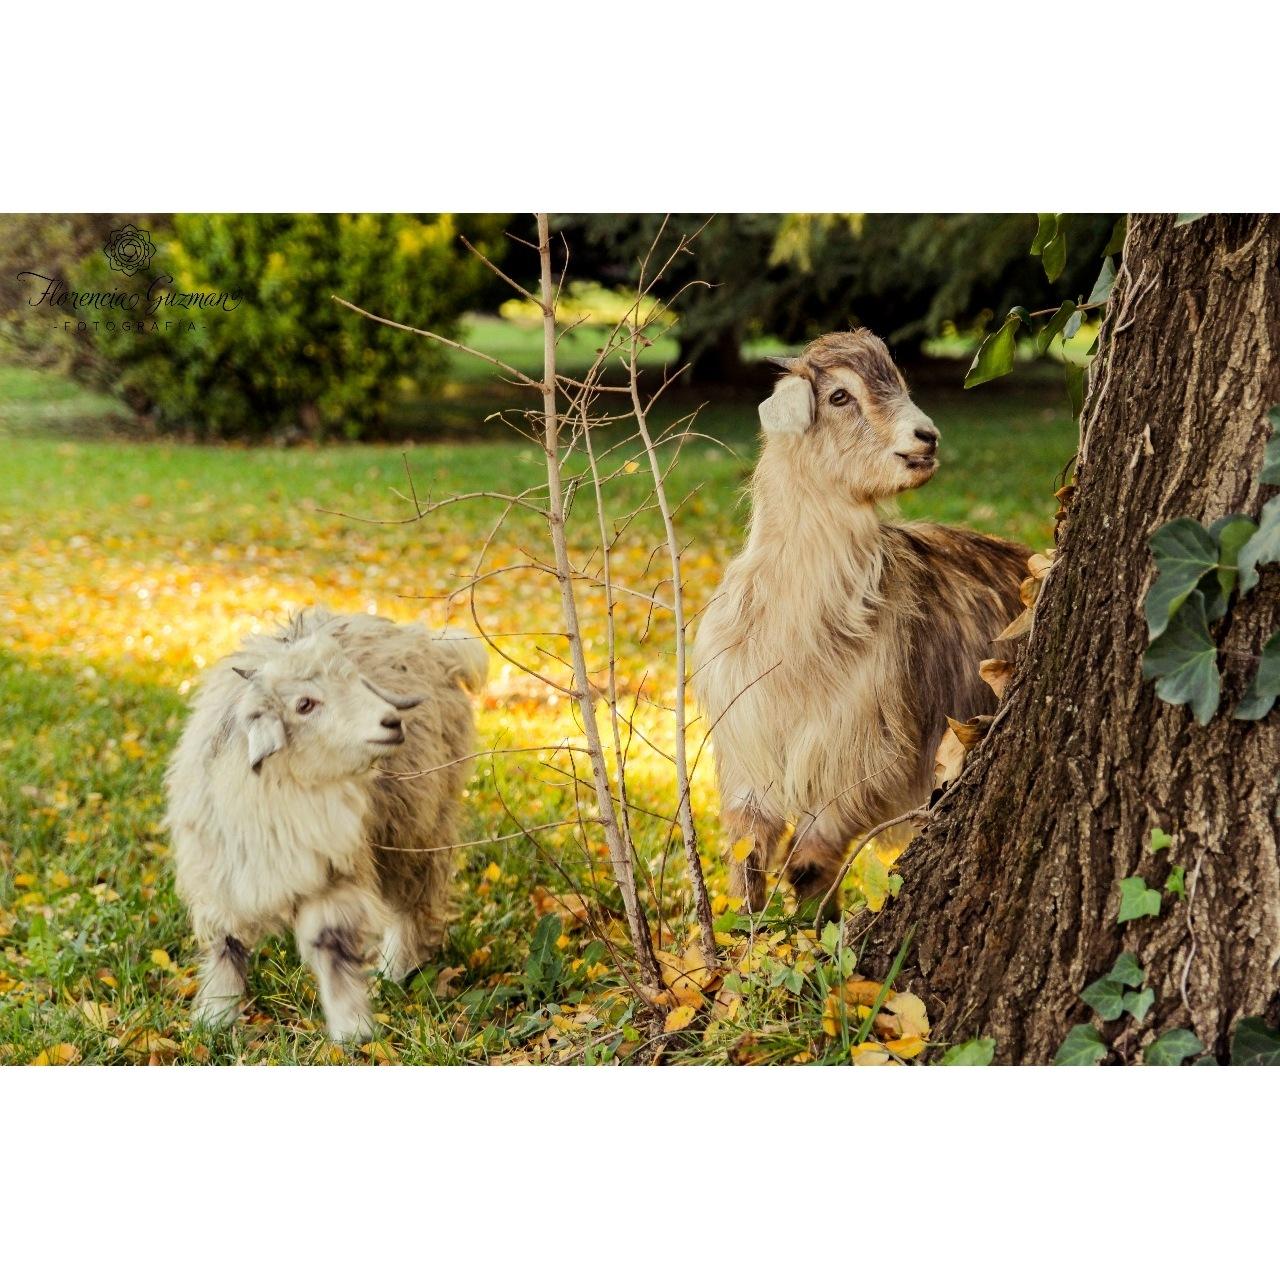 Goats by Florencia Guzman